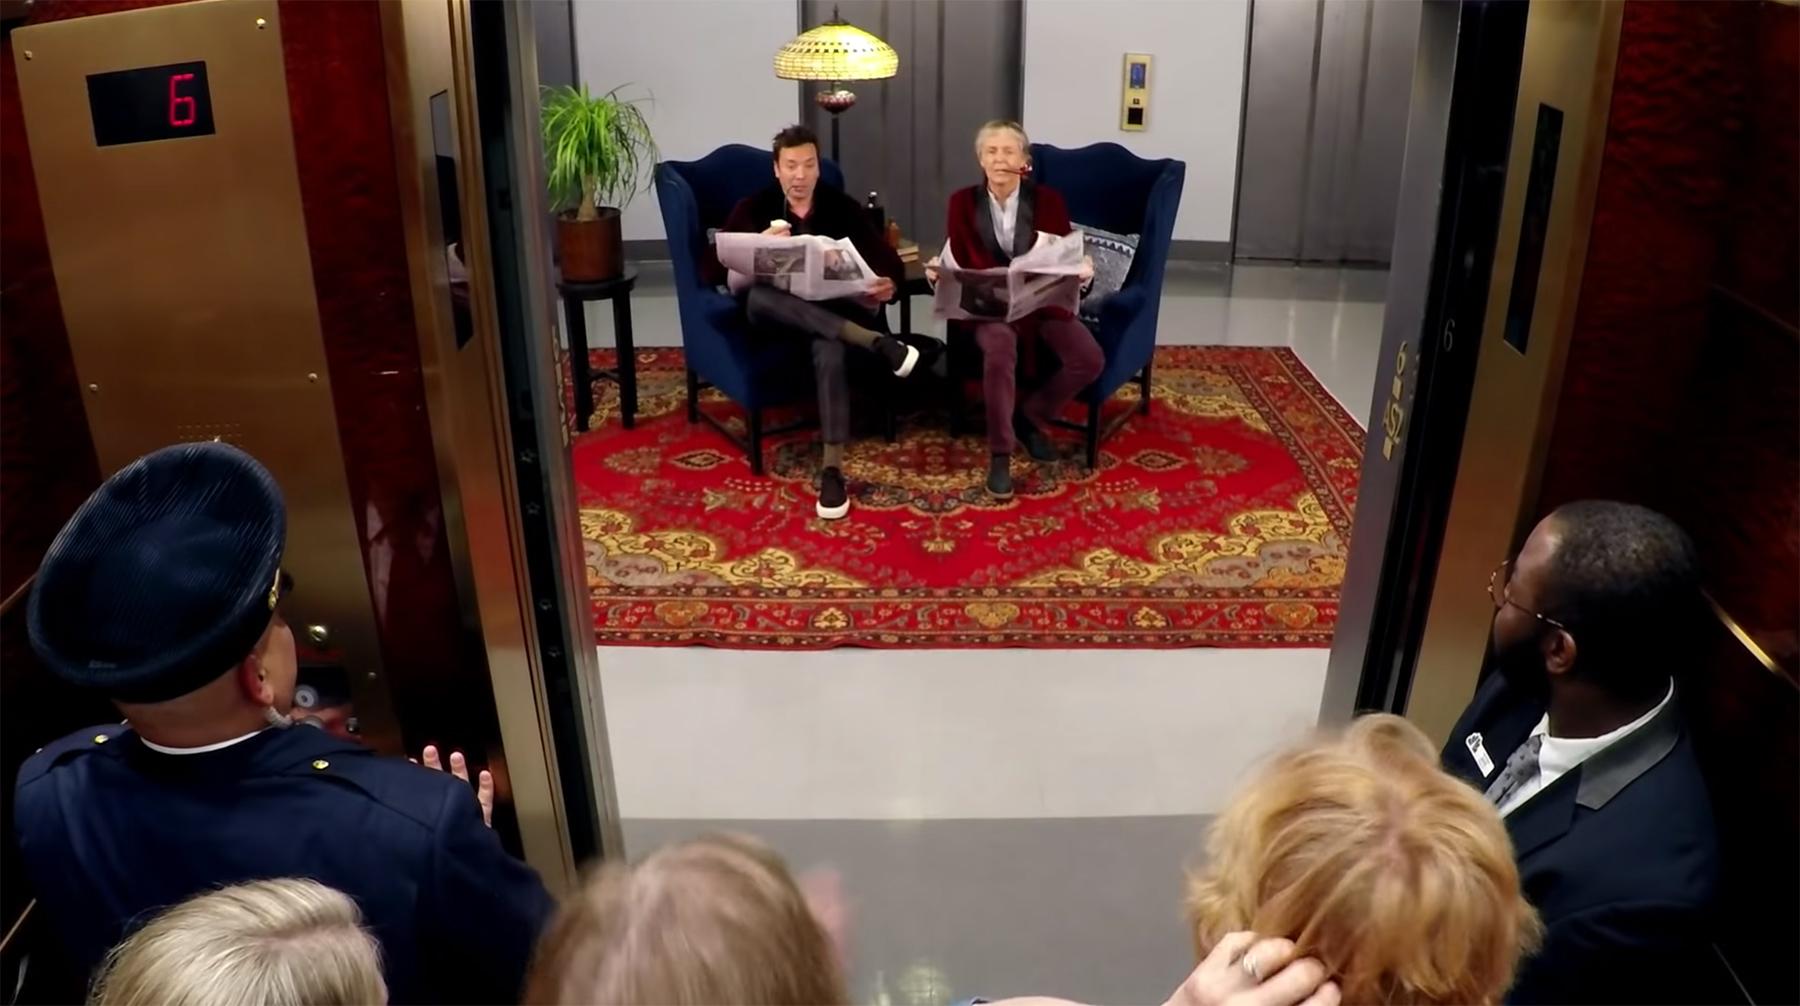 Jimmy Fallon und Paul McCartney überraschen NBC-Besucher